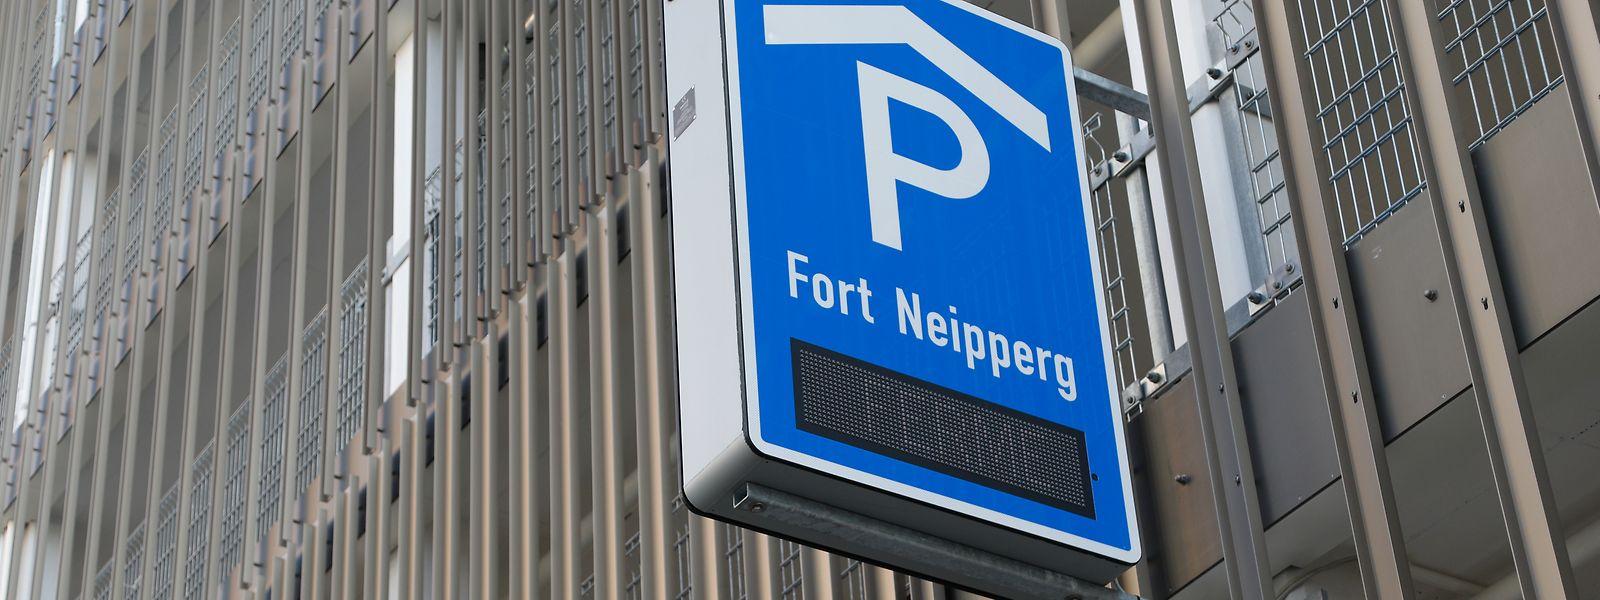 Besucher des Bahnhofsviertels können ihr Auto künftig bis zu vier Stunden lang gratis im Parkhaus Fort Neipperg abstellen.